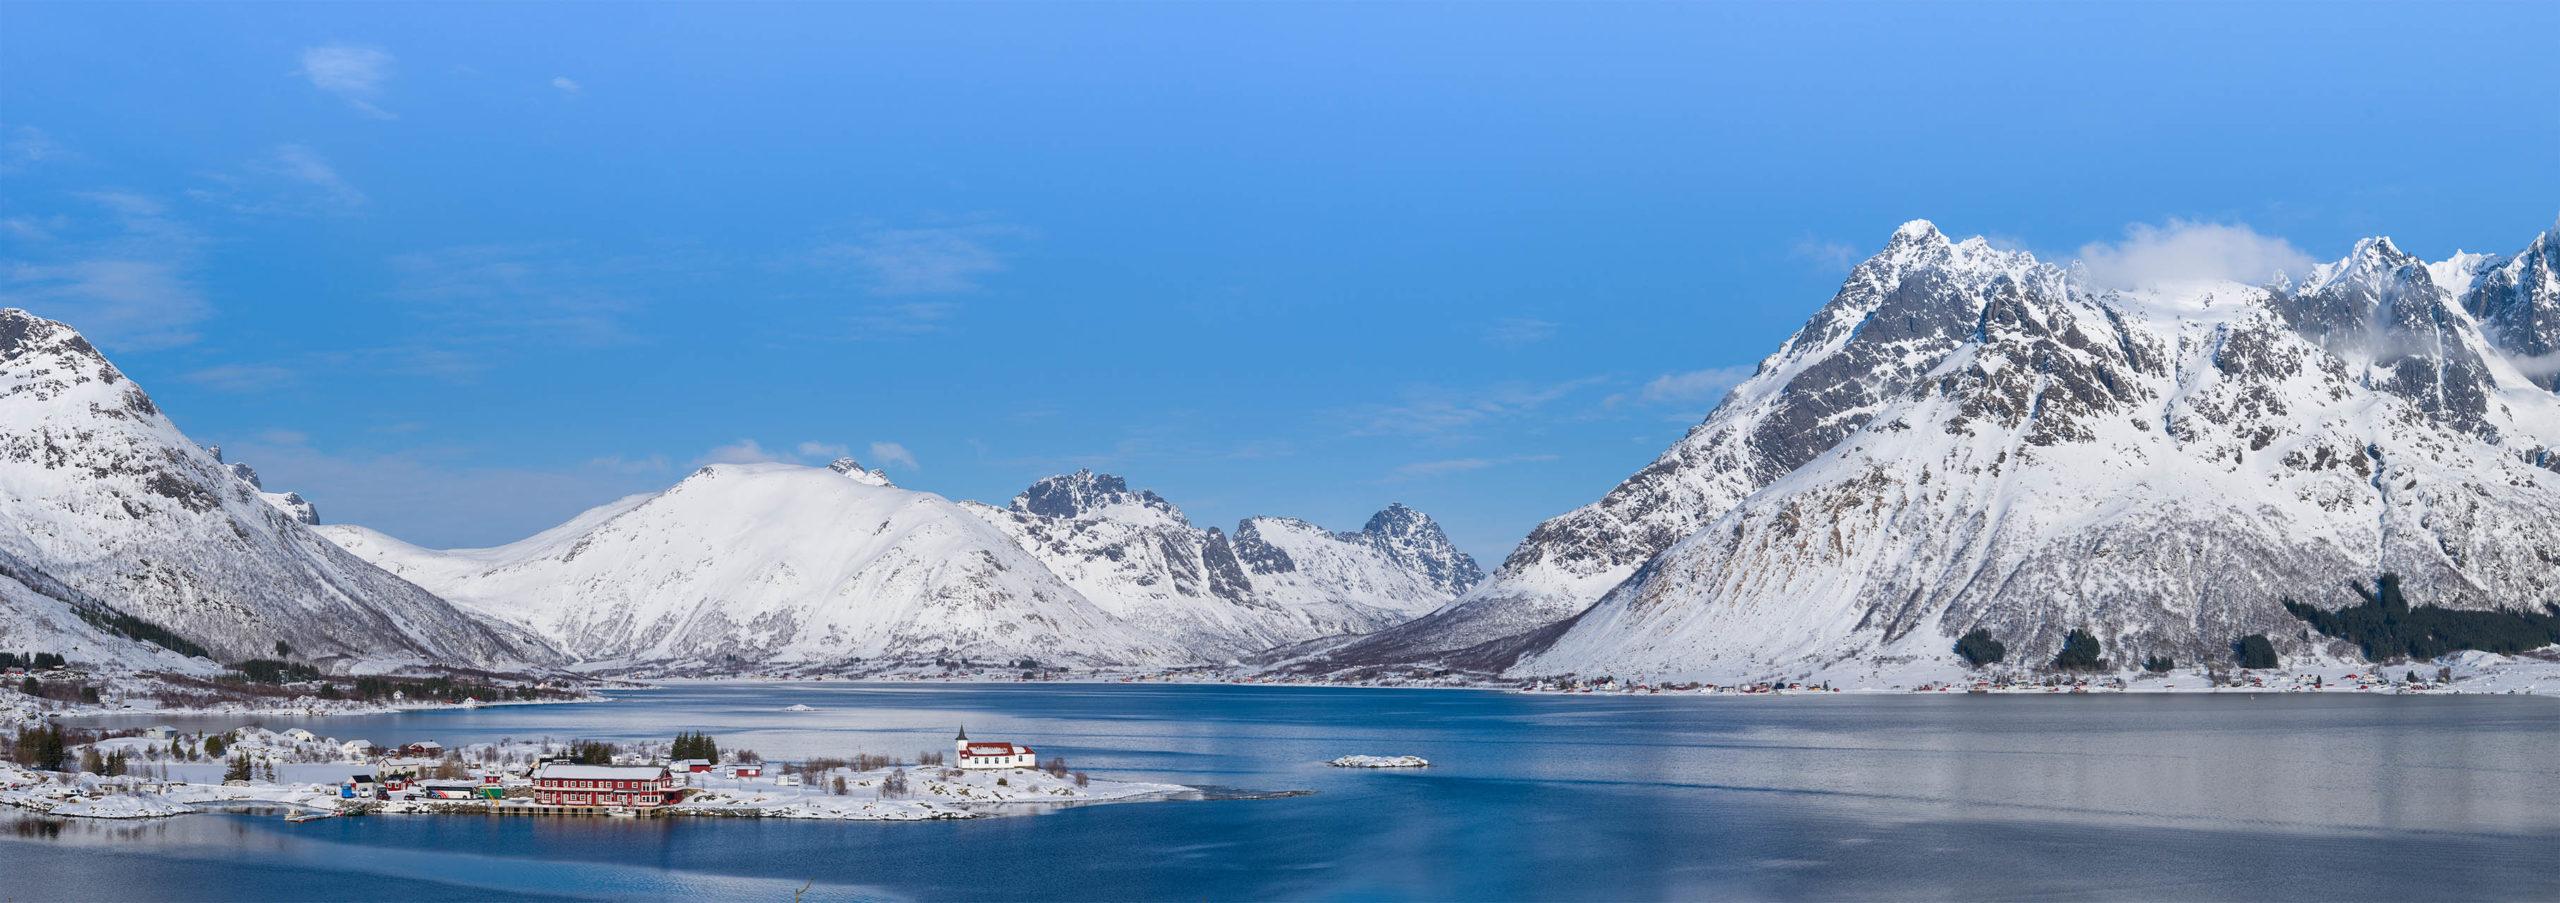 Een panorama opname van het magnifieke uitzicht op Sildpollen, Lofoten, Noorwegen